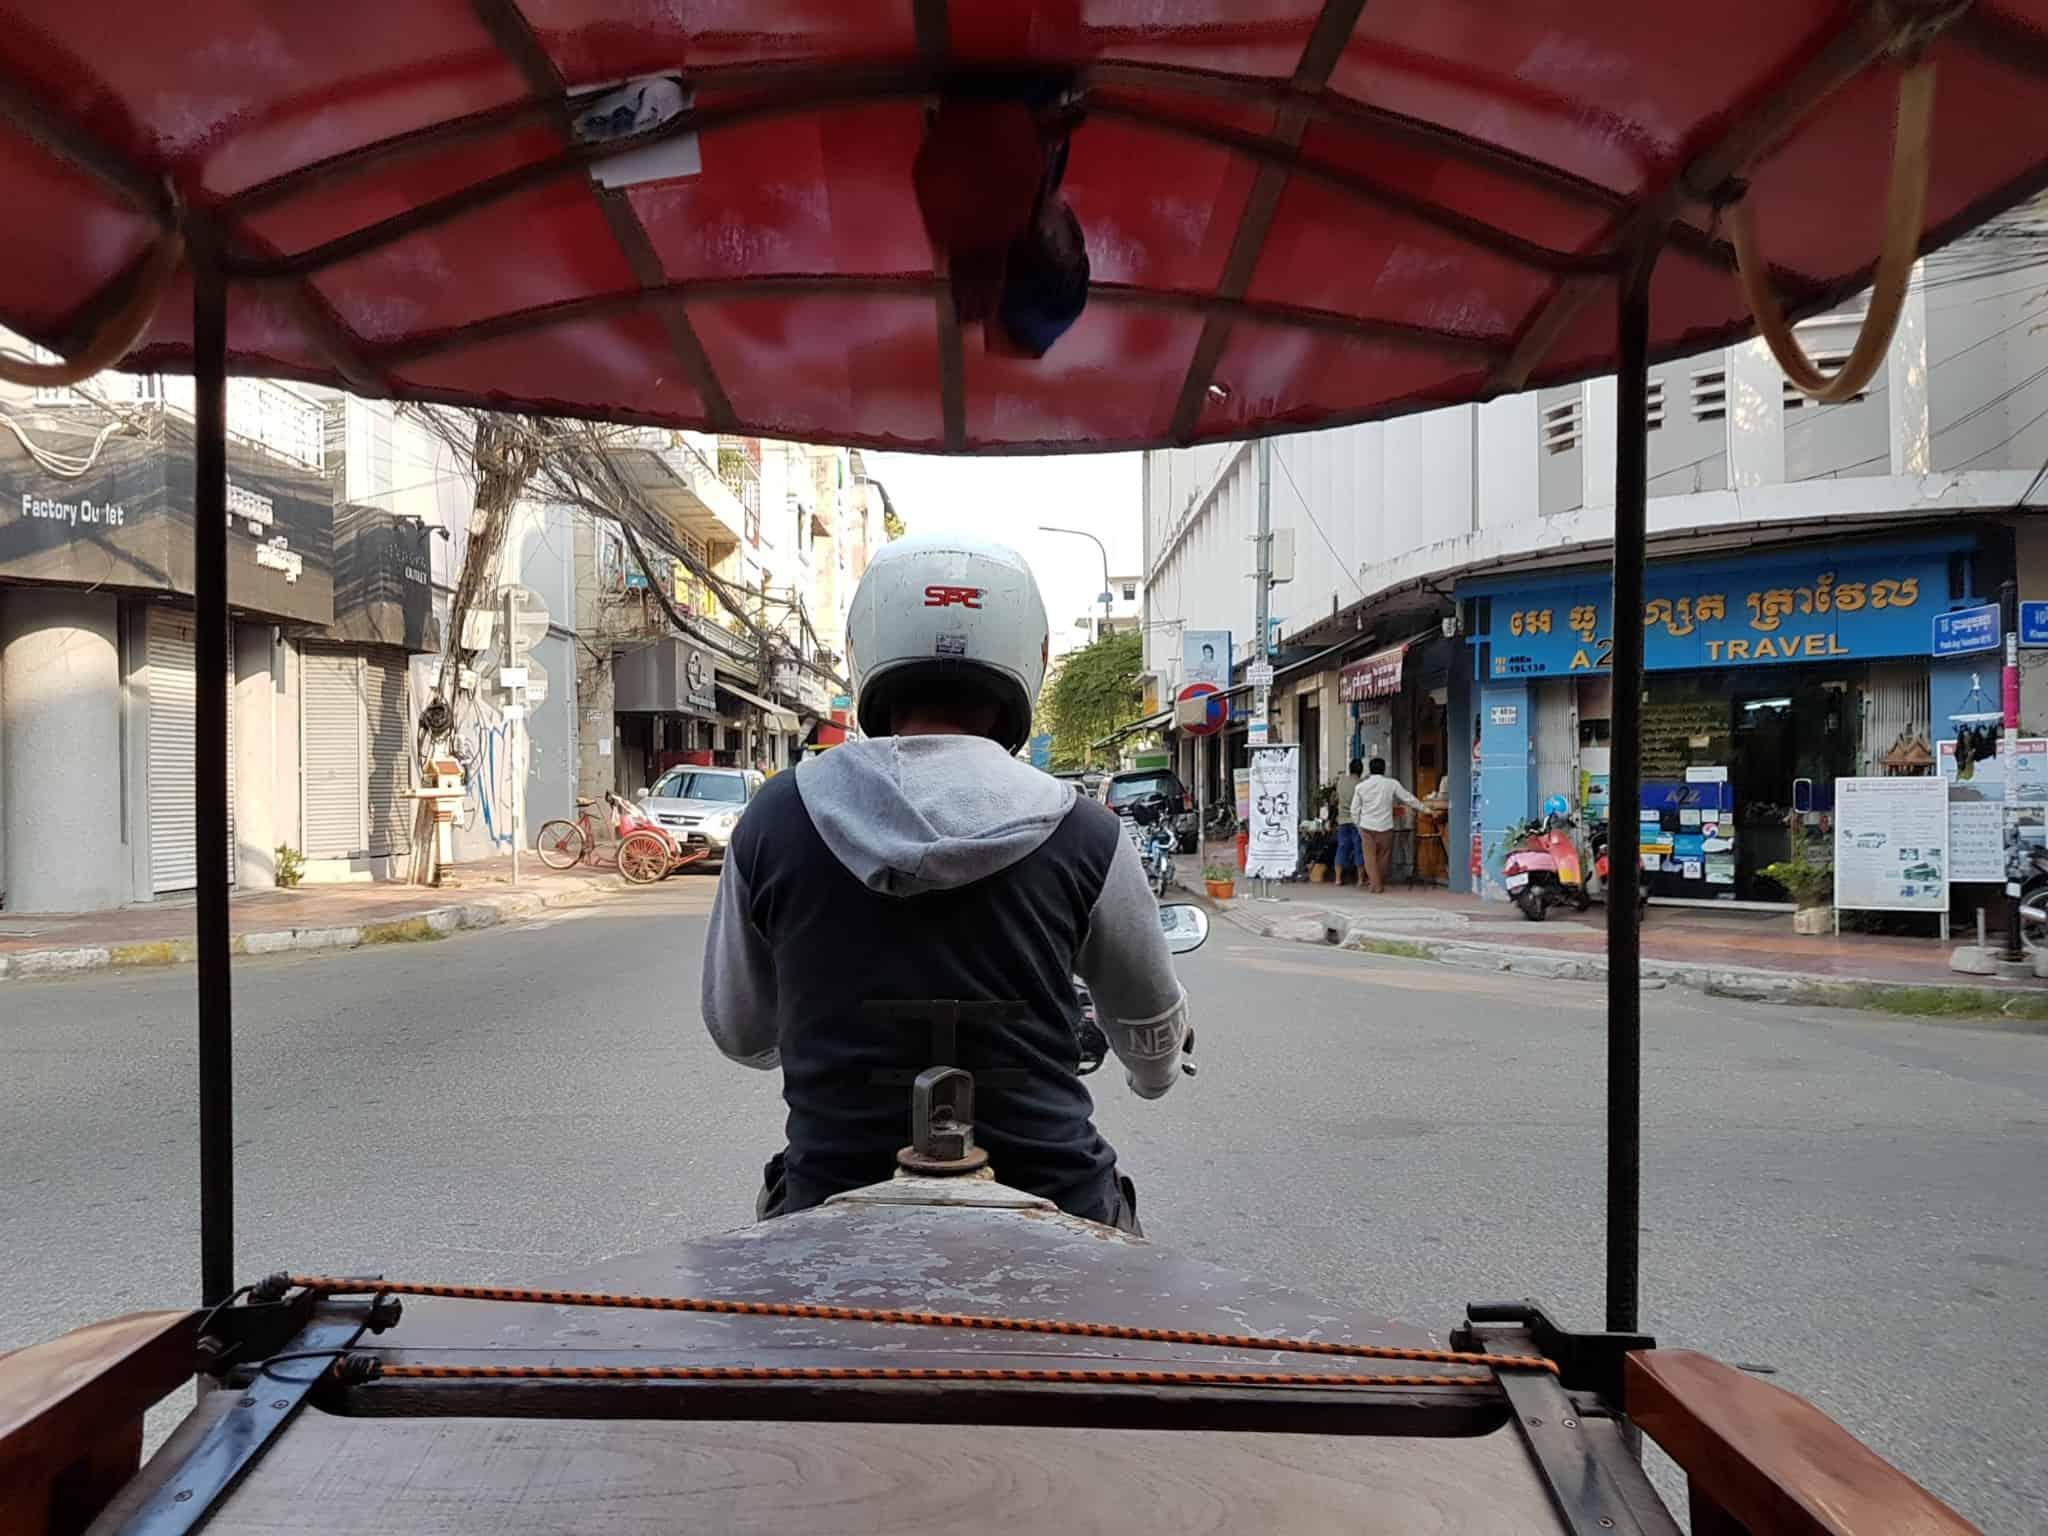 Bali, on s'envole pour Bali 😎 🇮🇩 1